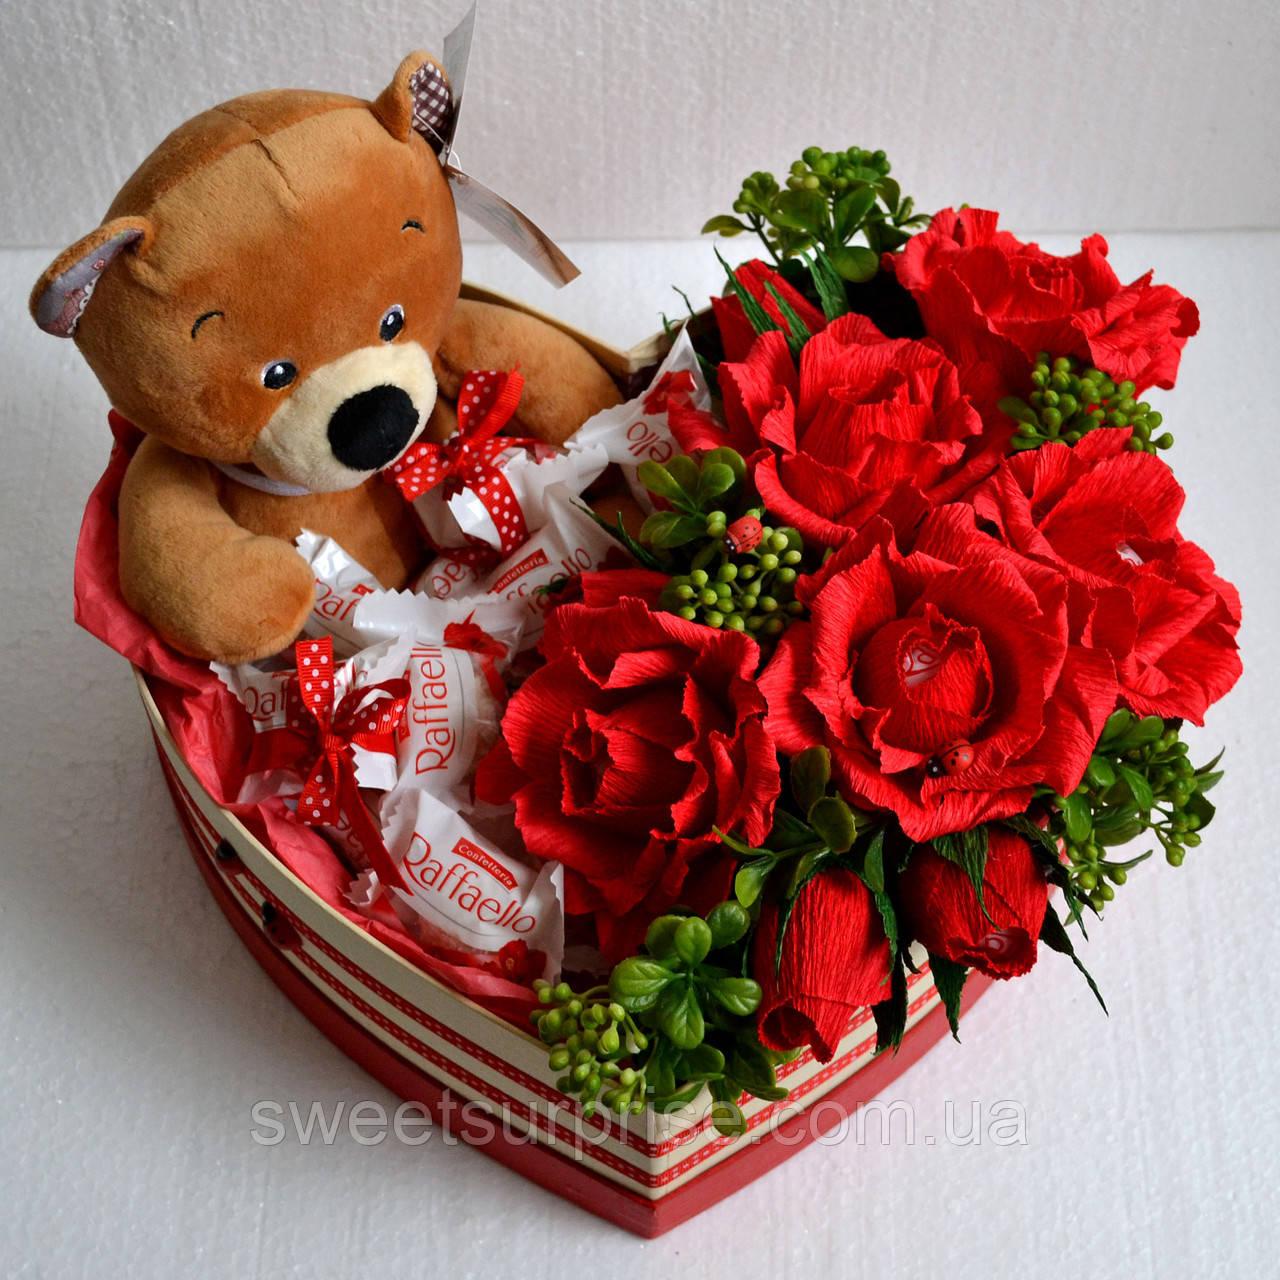 Подарочный набор с мягкой игрушкой на День влюбленных